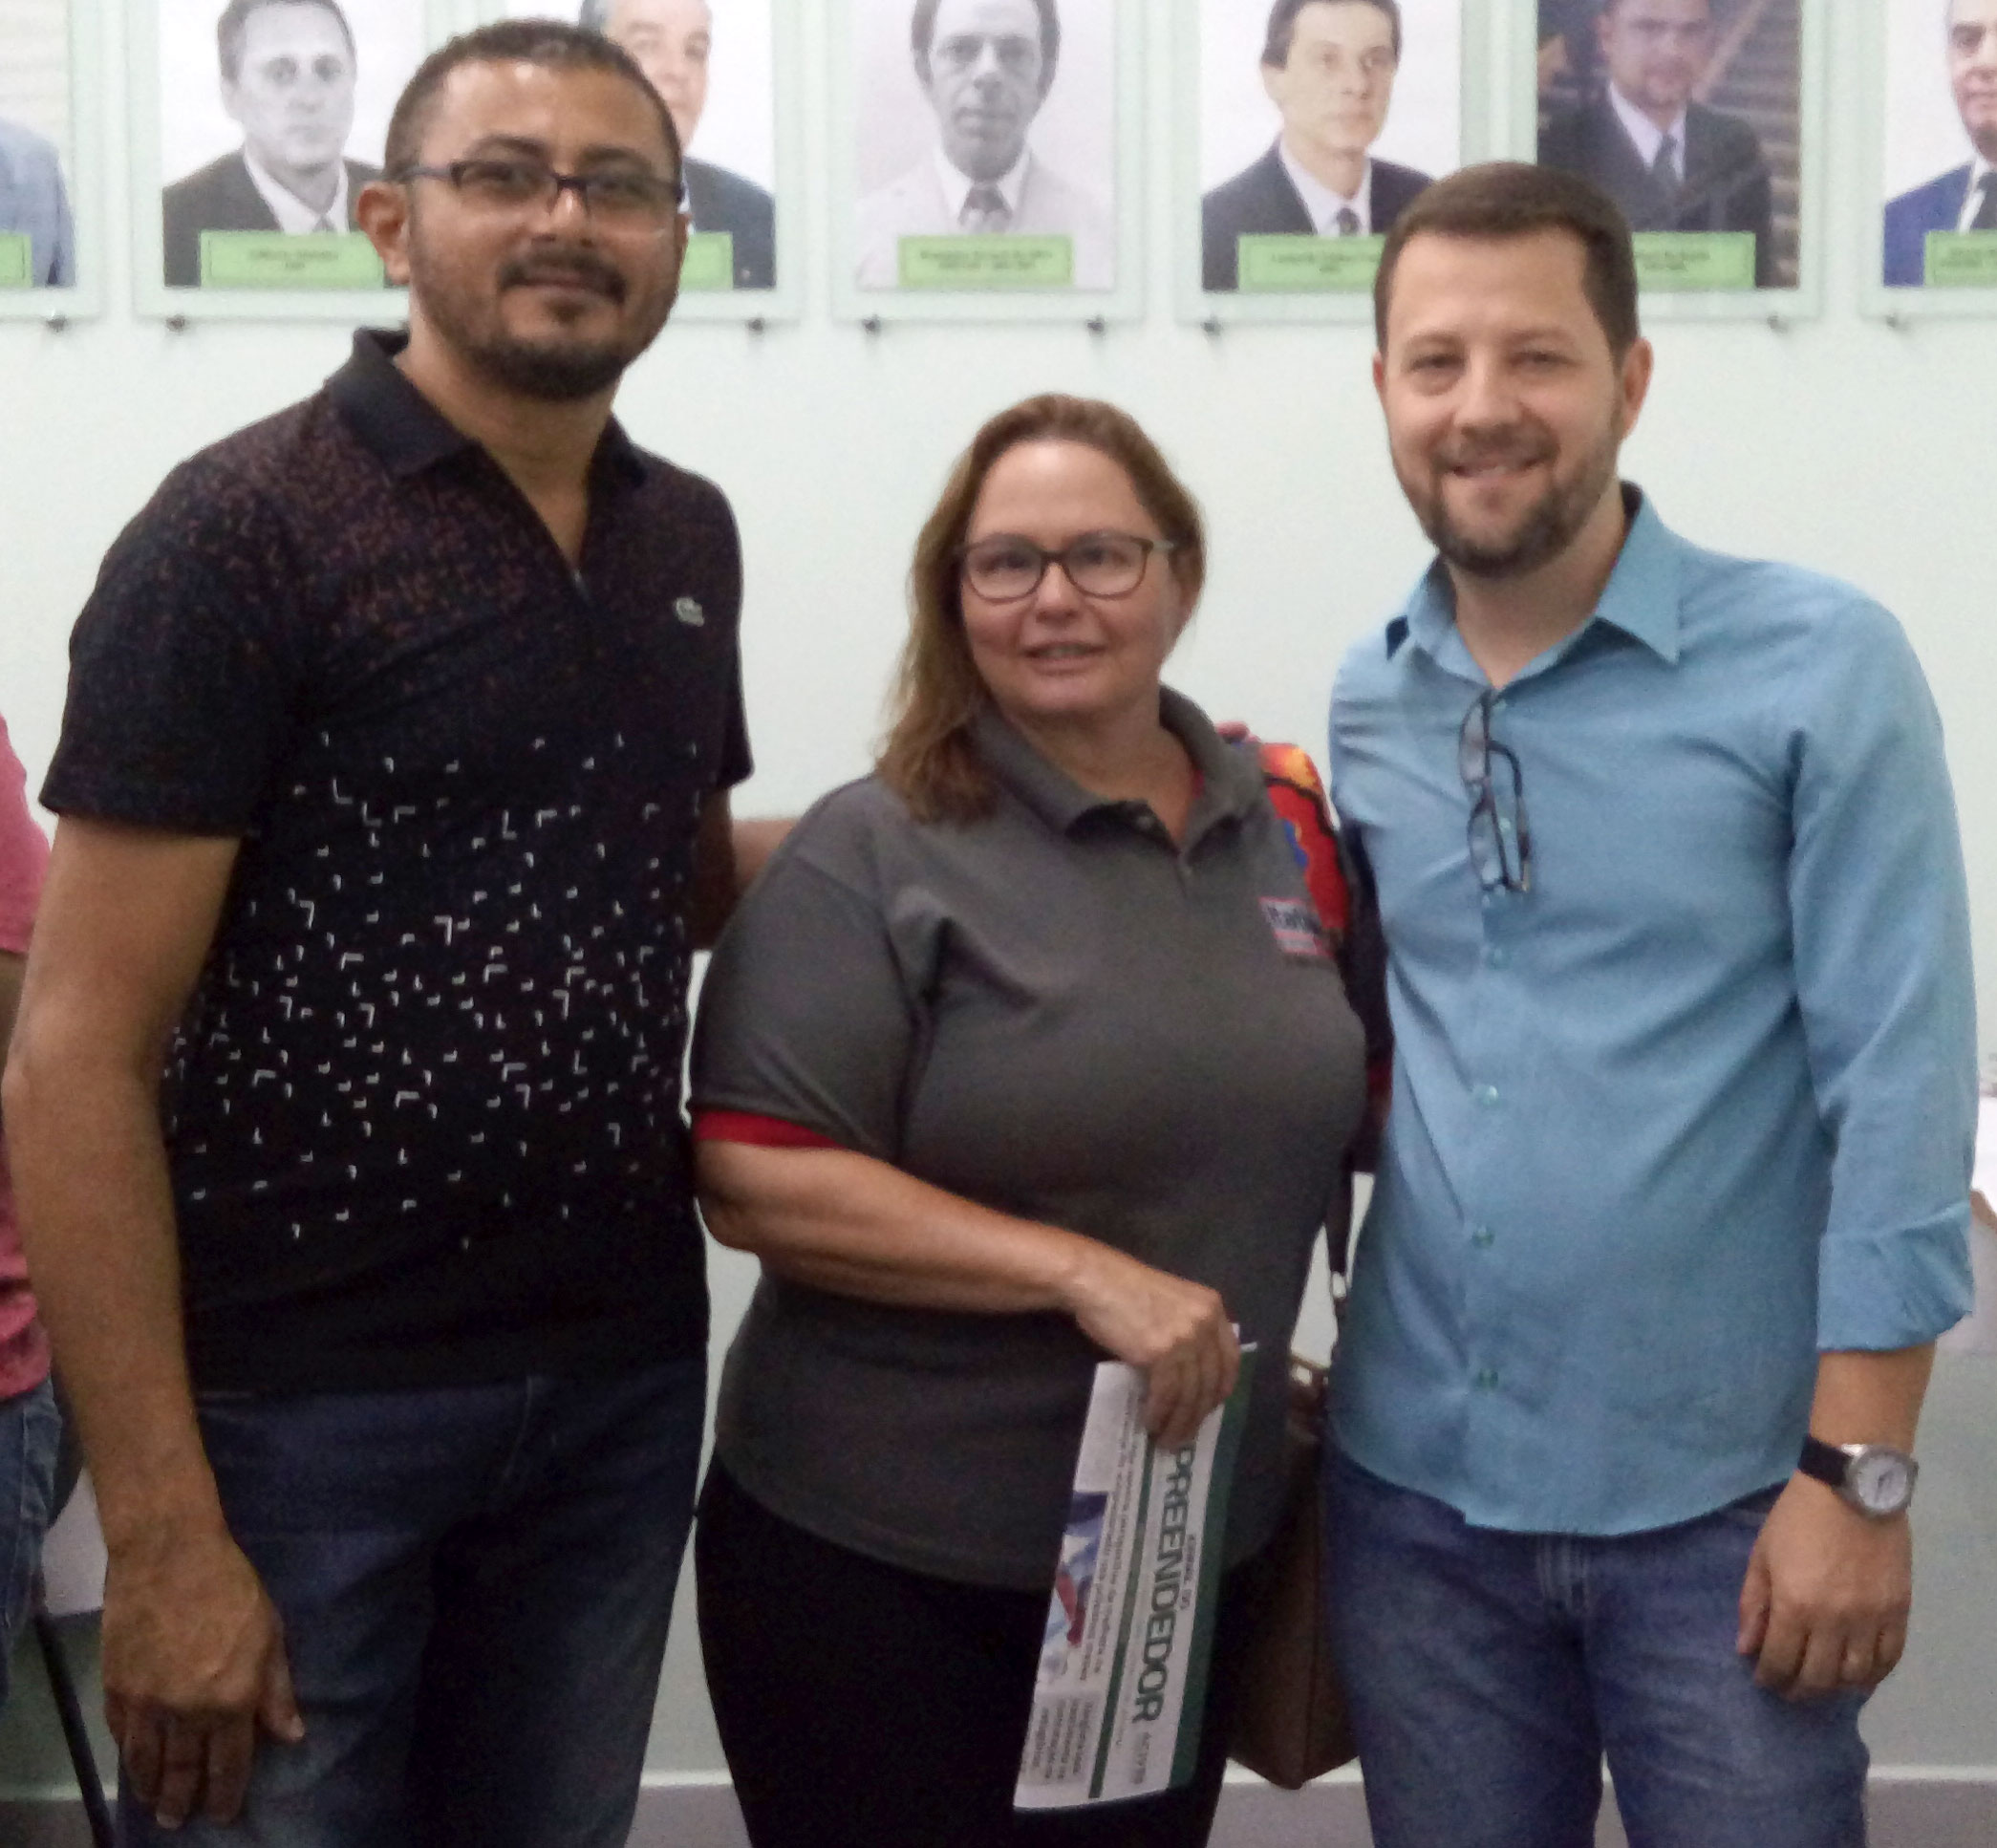 Vicente P. Silva, 2º secretário da ACIV, Isabel Peres, executiva de contas e Anderson S. Martins, presidente da ACIV.